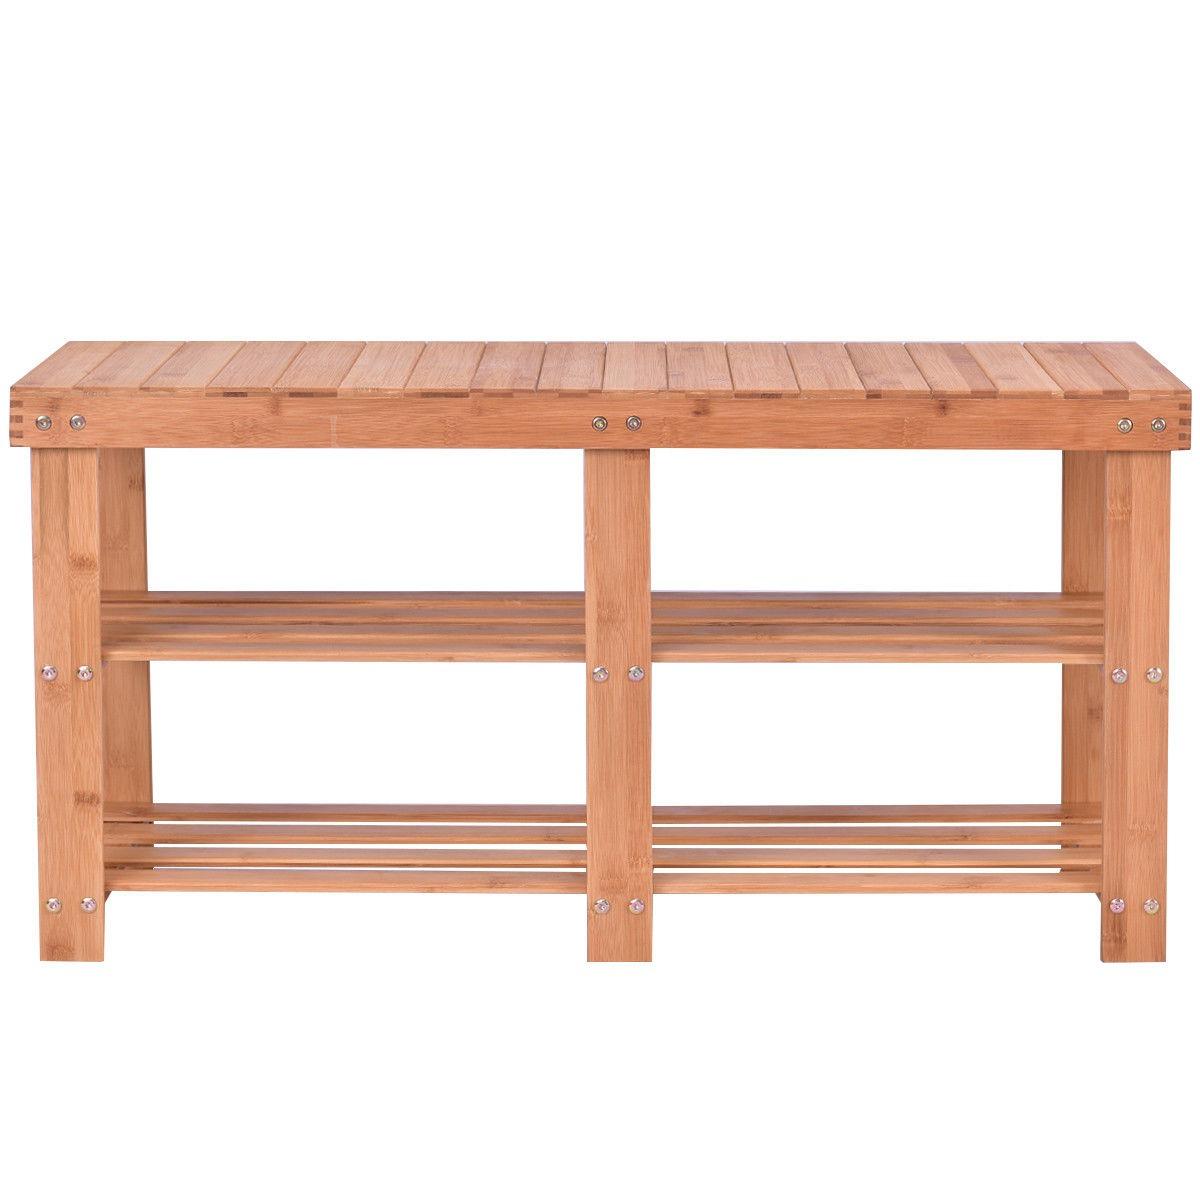 Dorable Muebles De Pecho Banco Motivo - Muebles Para Ideas de Diseño ...